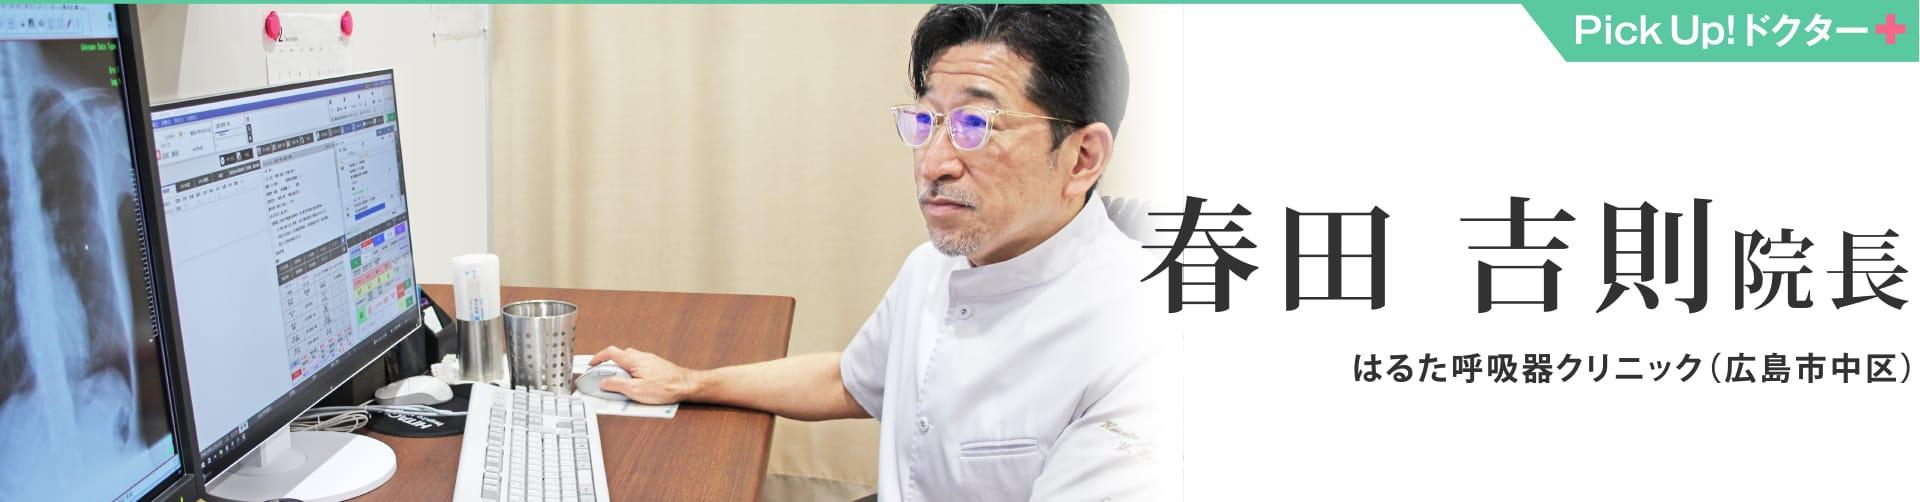 春田 吉則院長 はるた呼吸器クリニック(広島市中区)